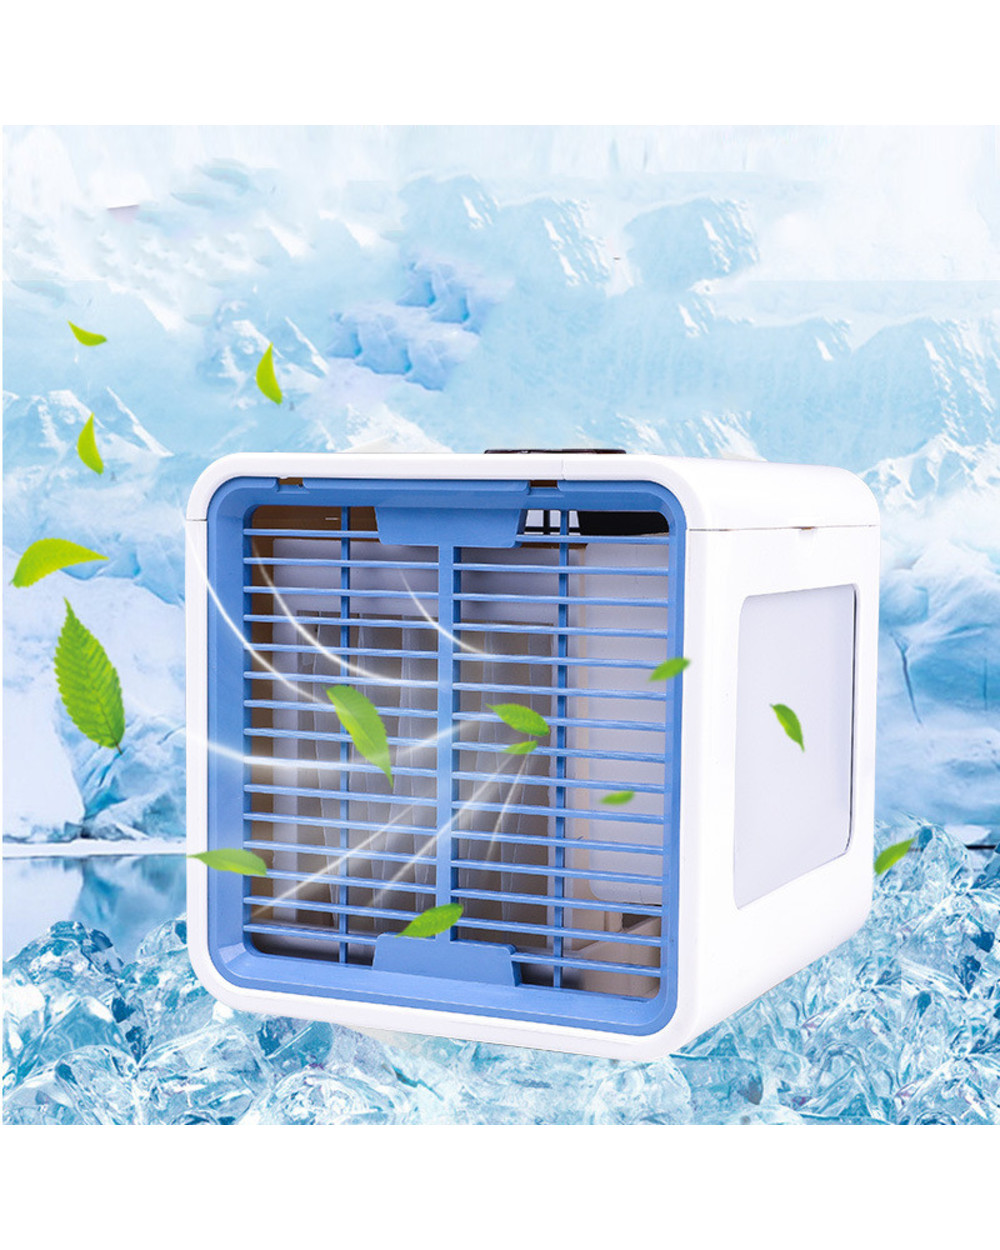 Portable Air Conditioner Mini Air Conditioner 1